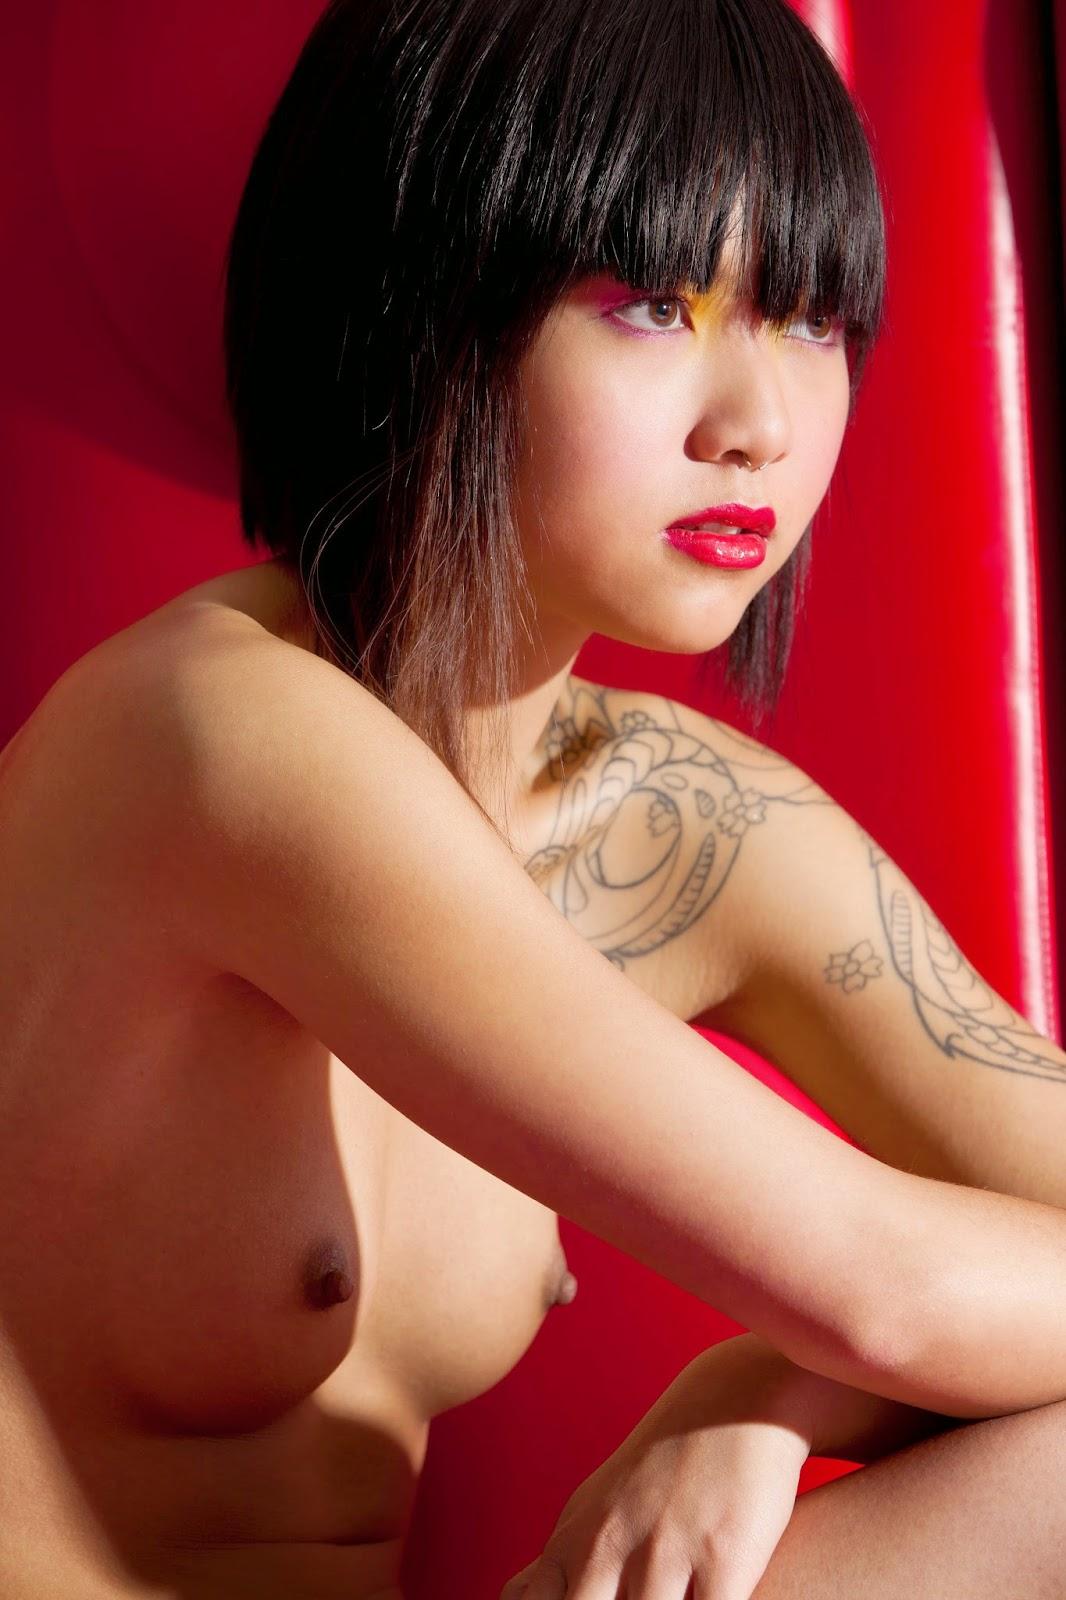 Teen girl viet nam nude